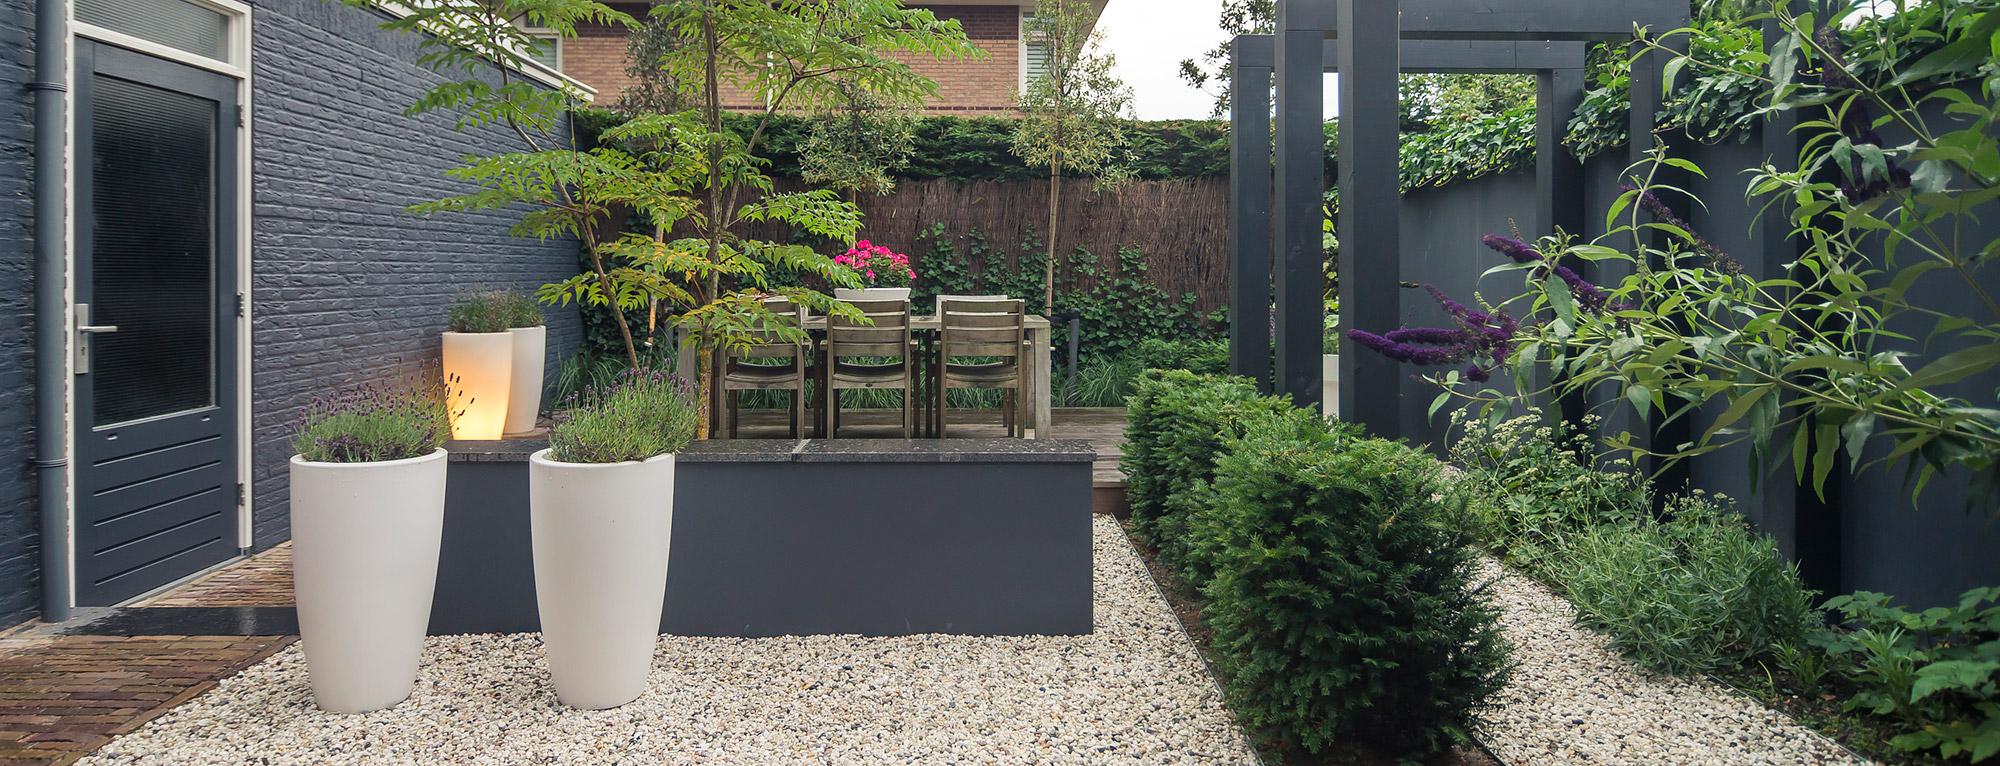 Welkom bij buytengewoon tuinen moderne stadstuinen for Landelijke stadstuin